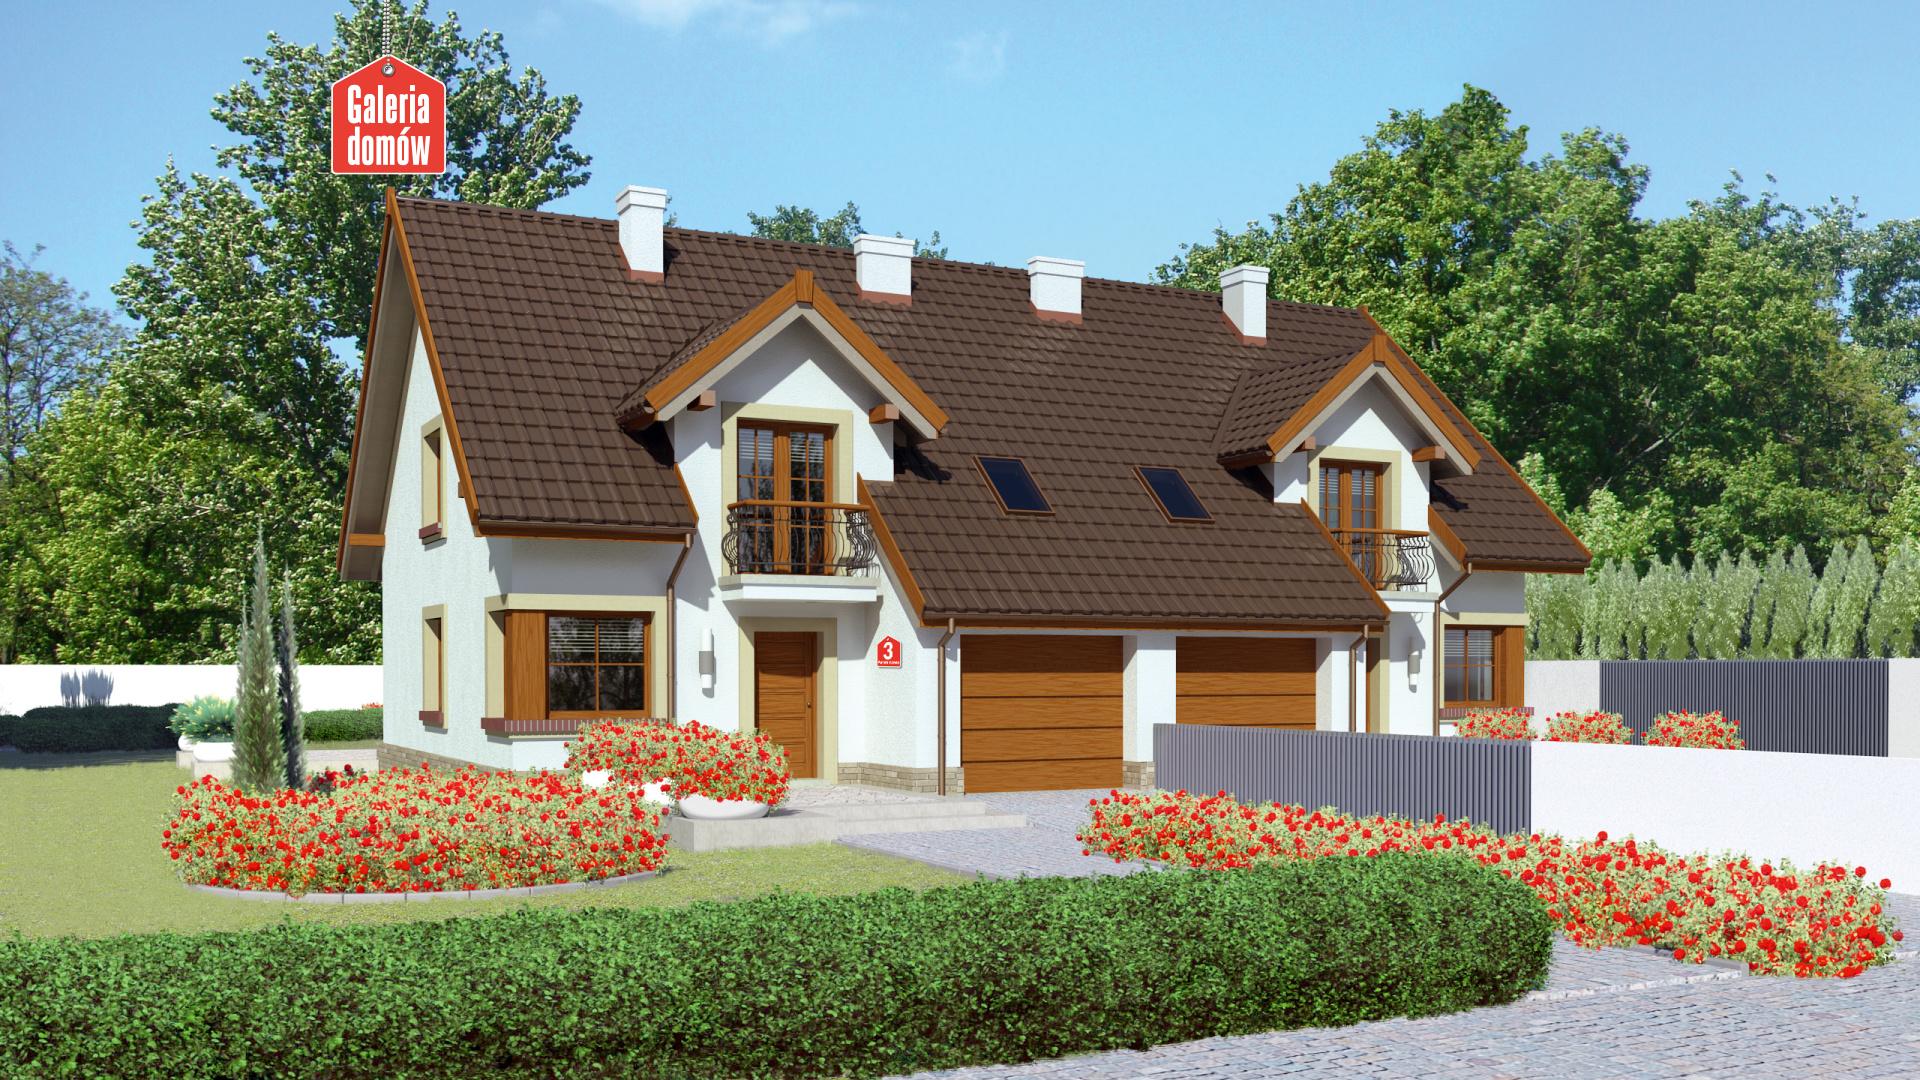 Dom przy Amarantowej 3 - zdjęcie projektu i wizualizacja